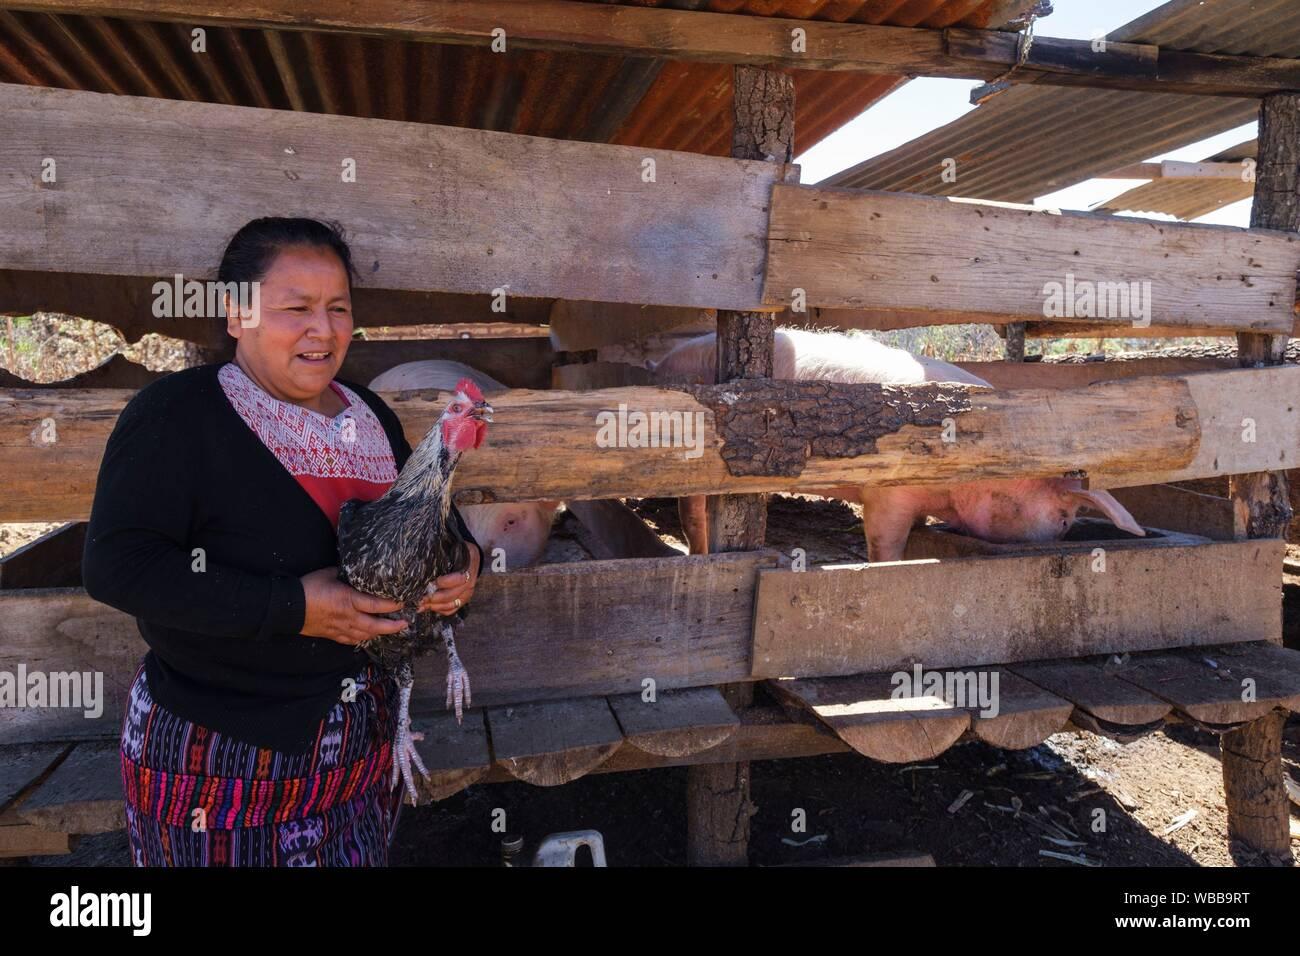 Beneficiaria de microcredito, Yacón, San Sebastián Lemoa, municipio de Chichicastenango, Quiché, Guatemala, América Central. Foto de stock